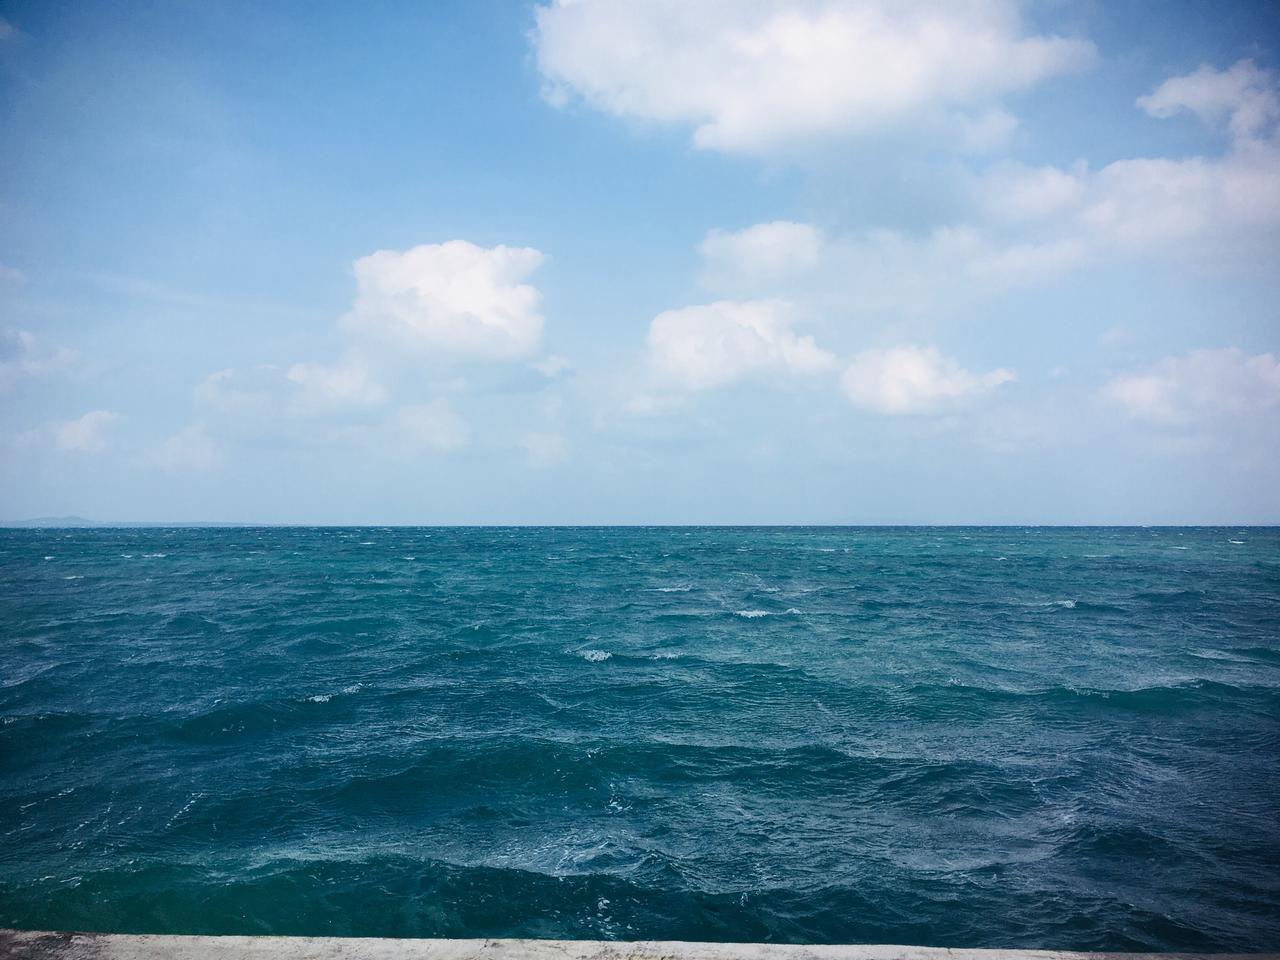 画像: 海は、やっぱ綺麗。 もー小さい島だし、地図見ずに移動しちゃお! もちろん、行きたい道のほうに出れなくなりましたが、迷ってしまったおかげで、 素晴らしいとこに着きましたよ( ⸝⸝⸝¯  ¯⸝⸝⸝ ) ラッキー( › ·̮ ‹ )